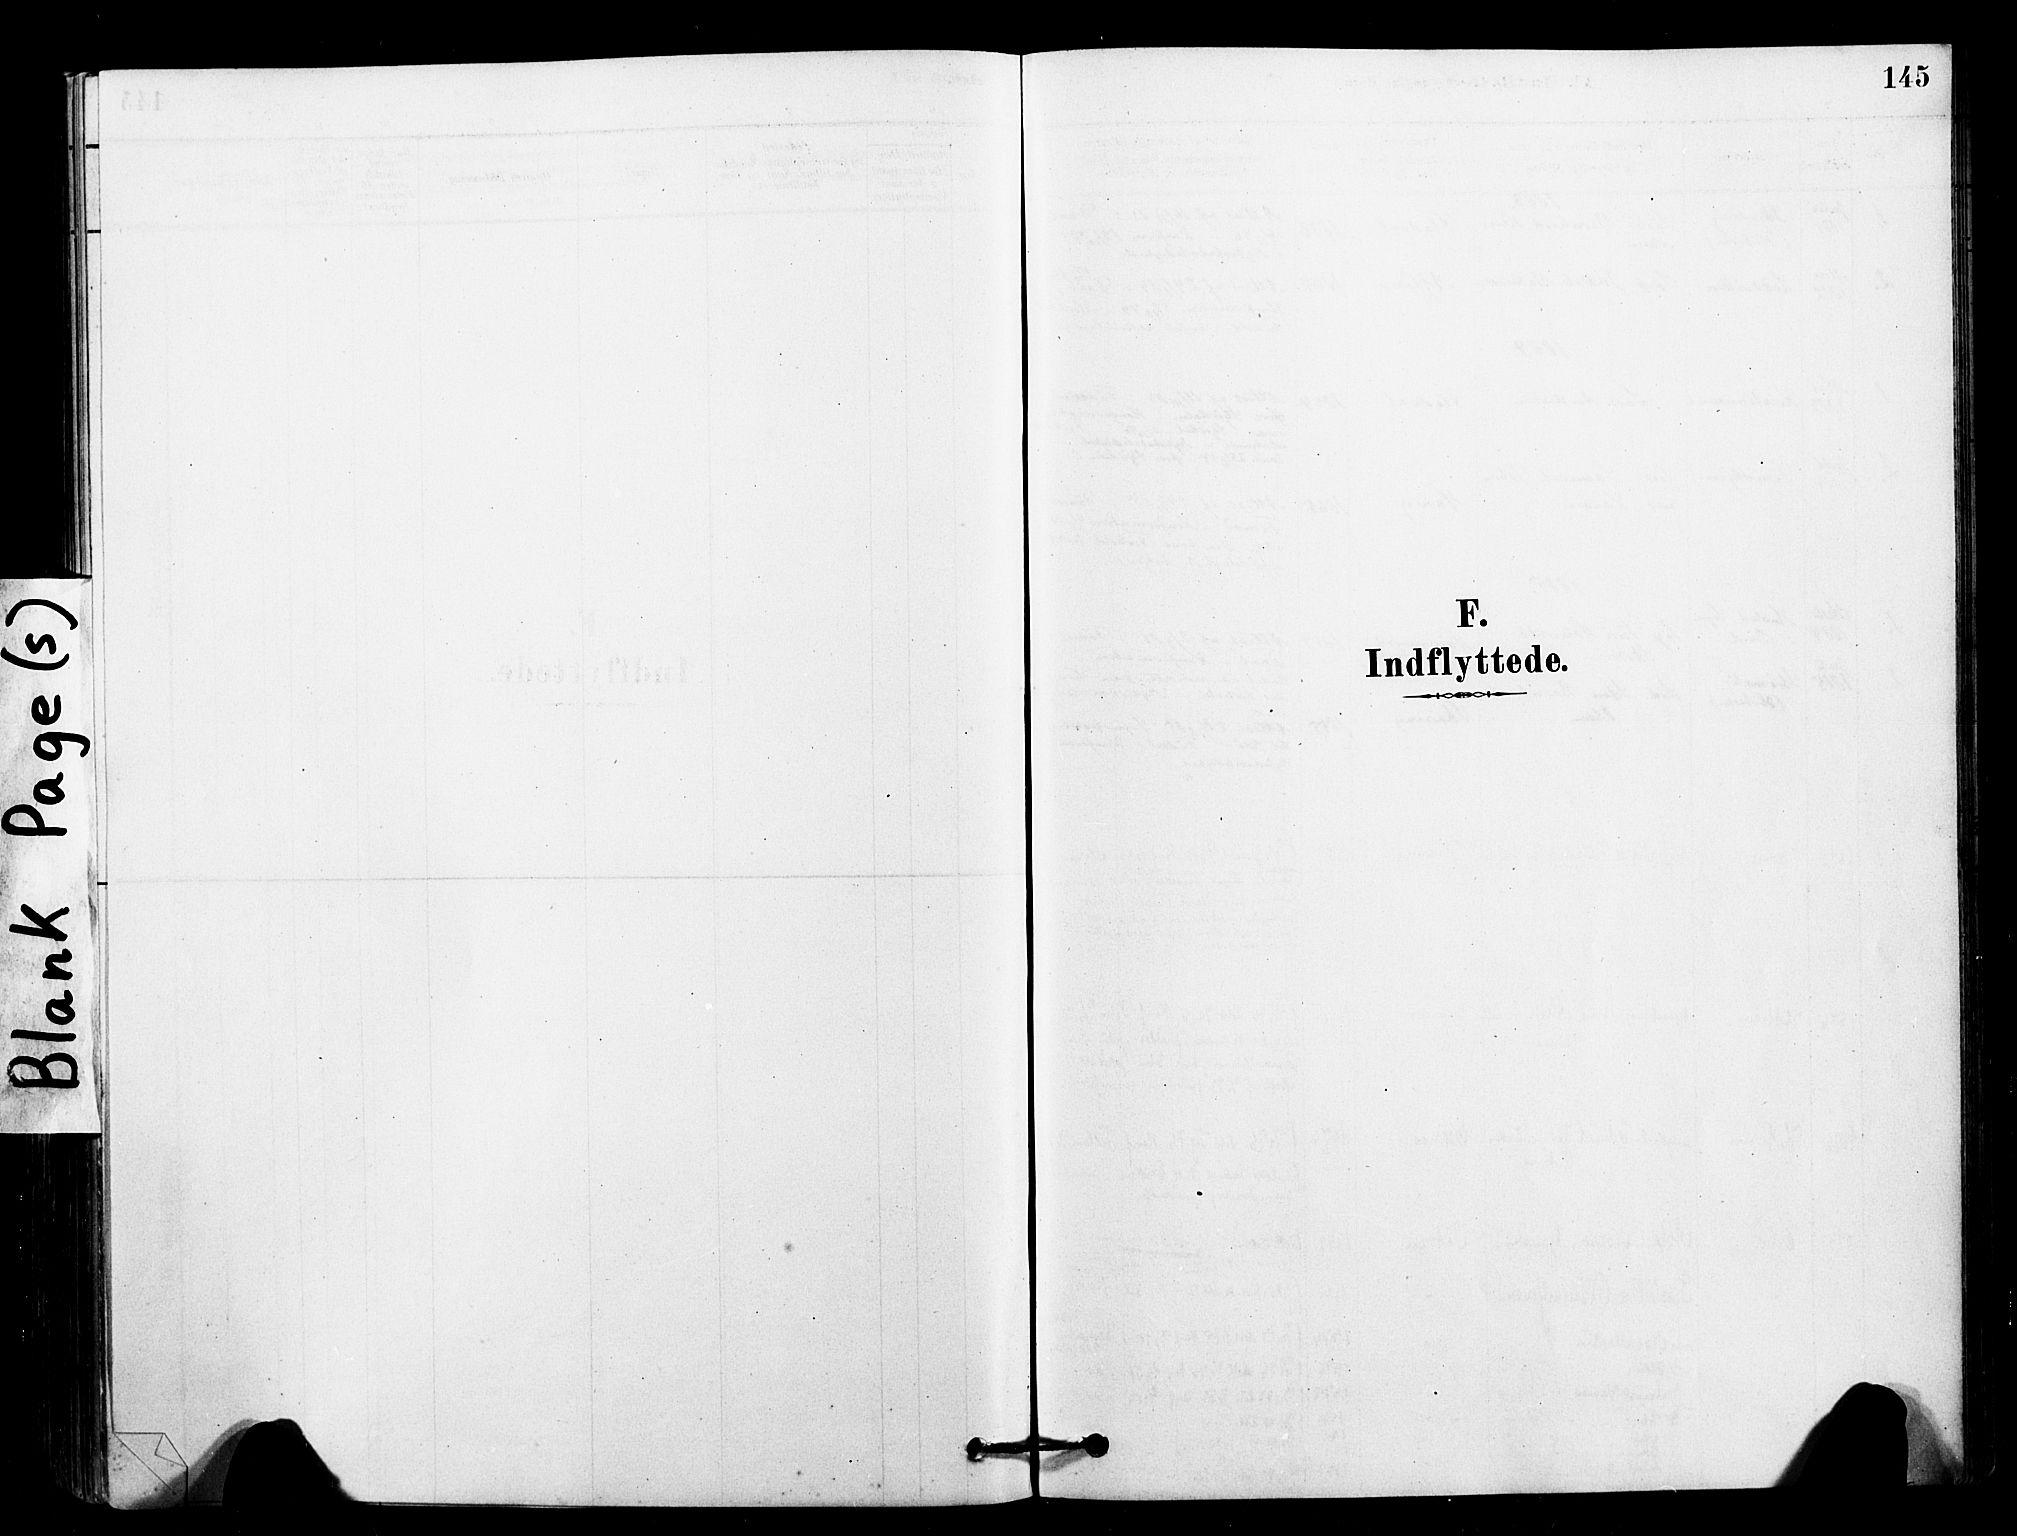 SAT, Ministerialprotokoller, klokkerbøker og fødselsregistre - Sør-Trøndelag, 641/L0595: Ministerialbok nr. 641A01, 1882-1897, s. 145